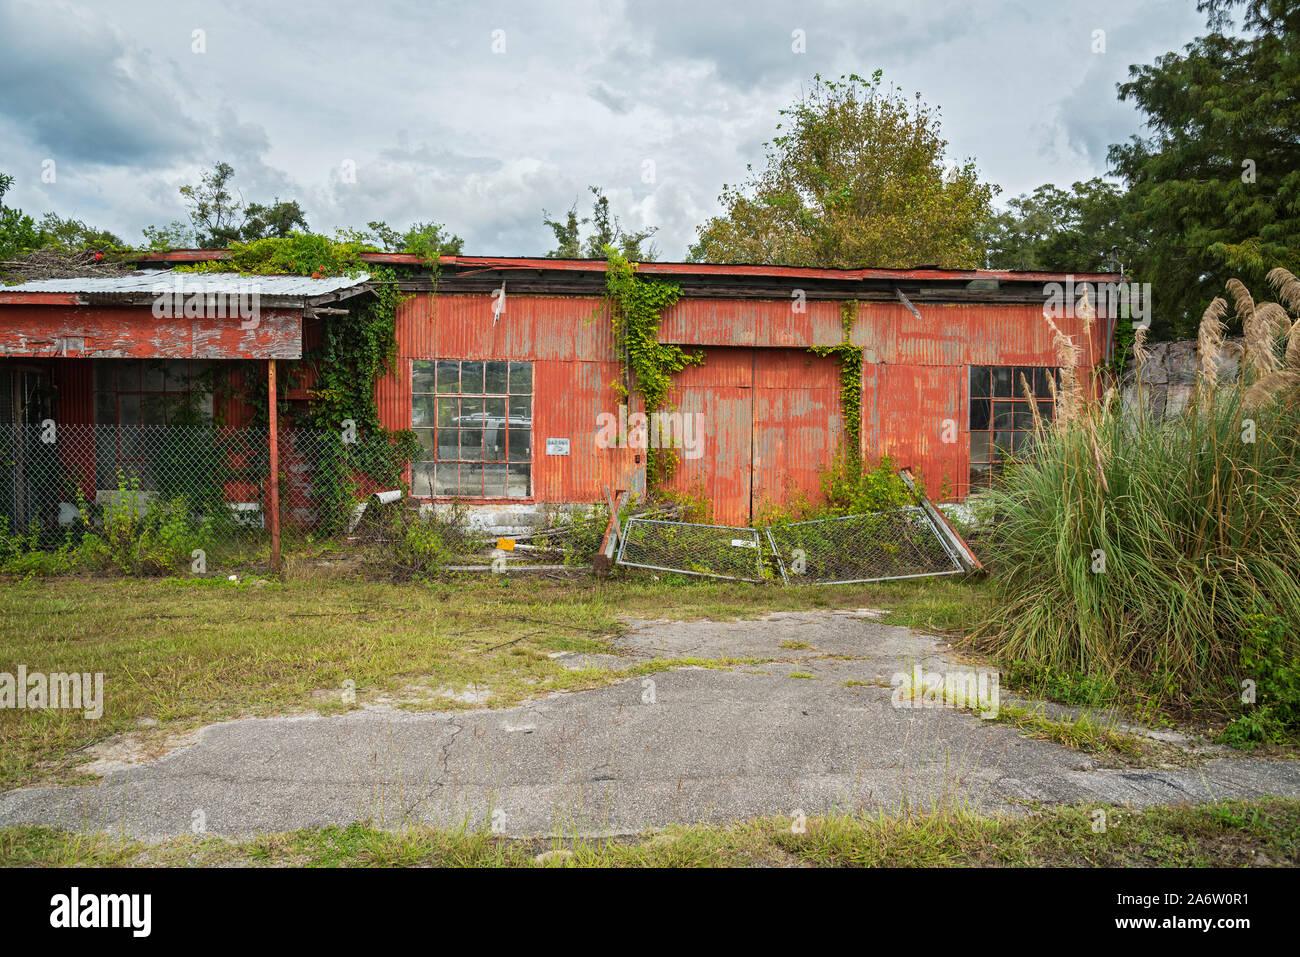 Edificio abandonado en una pequeña ciudad en el norte de Florida. Foto de stock